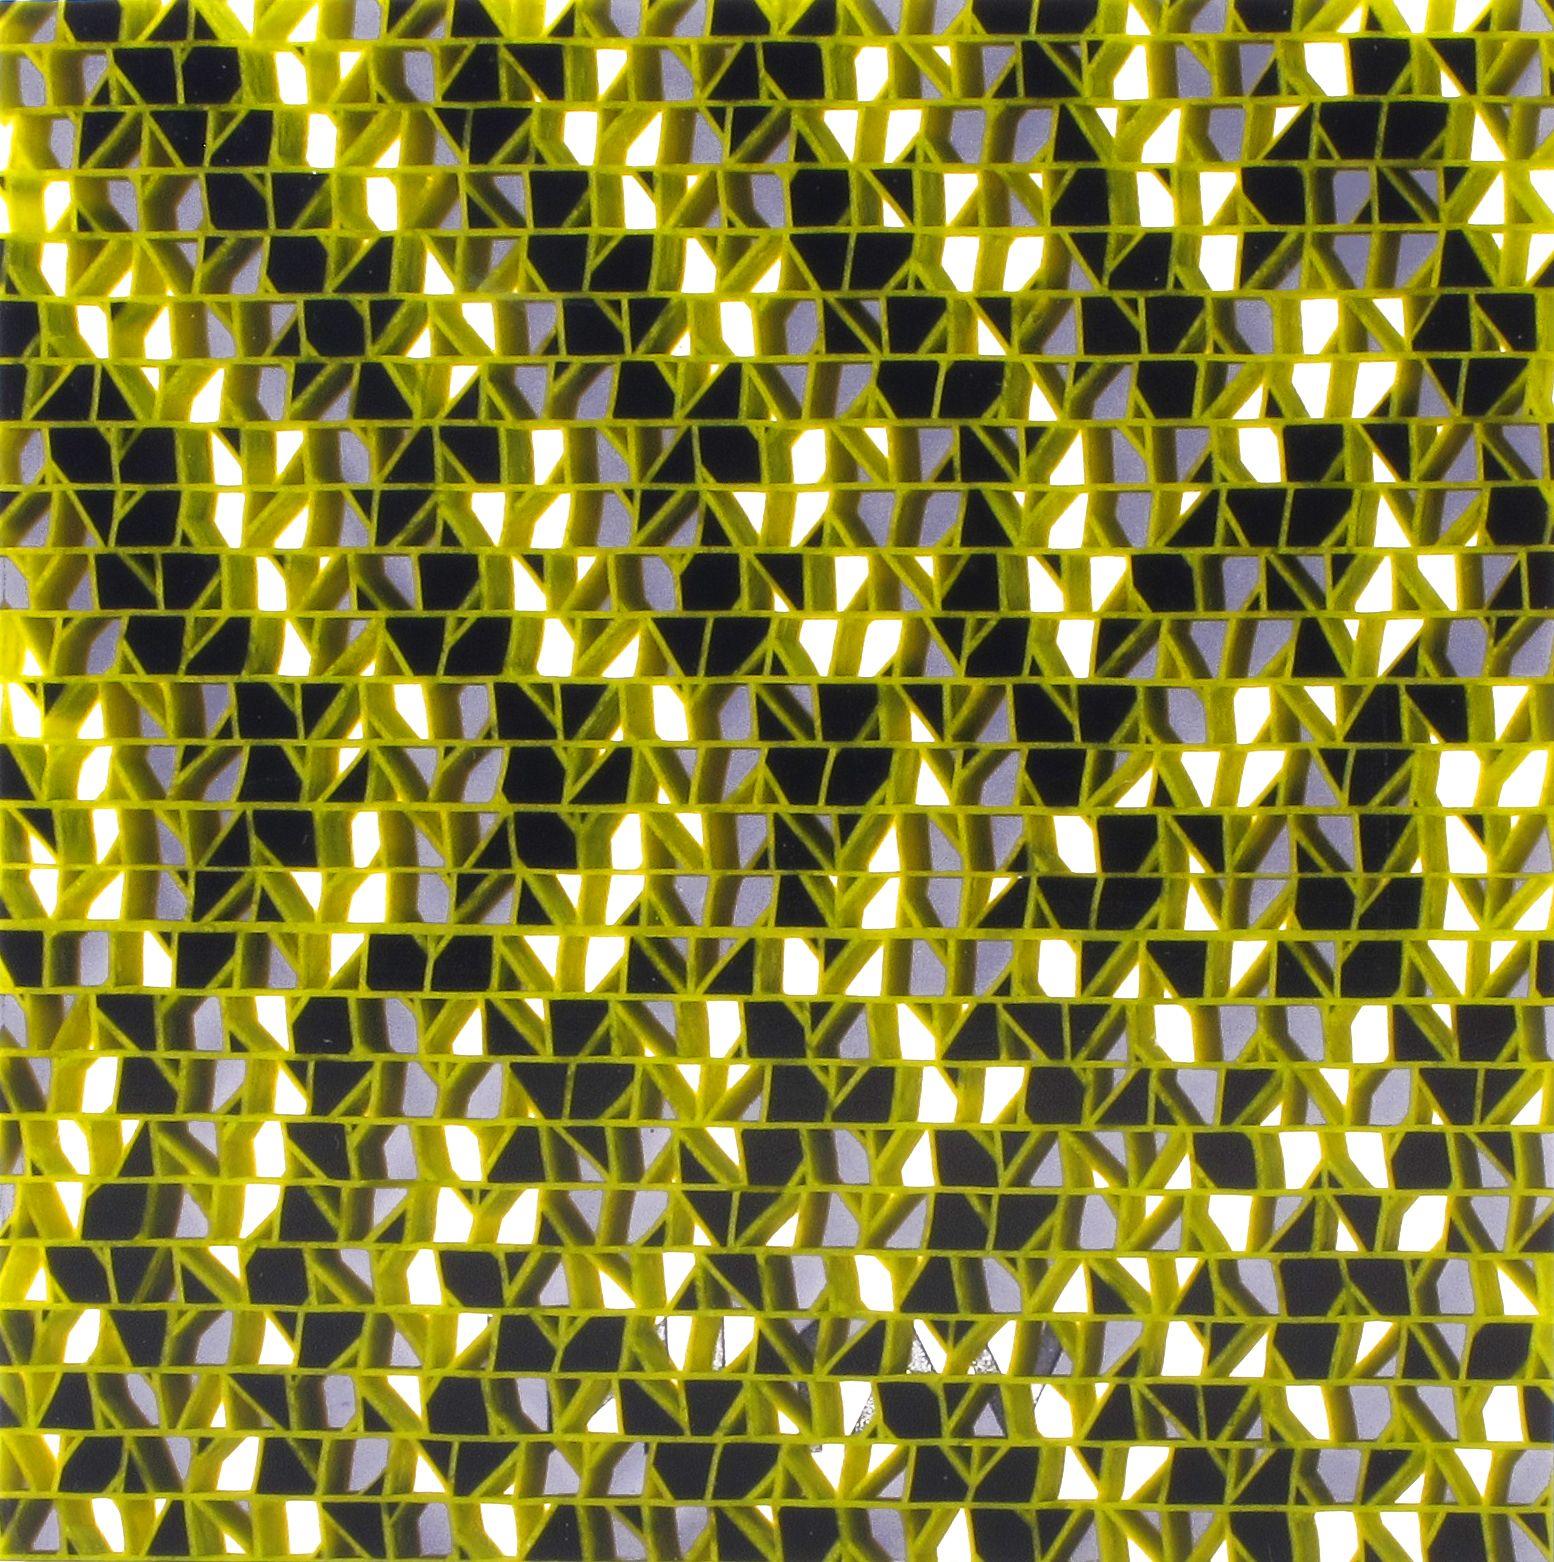 #VANNI Tangram_exclusive acetate block Tangram - www.vanniocchiali.com